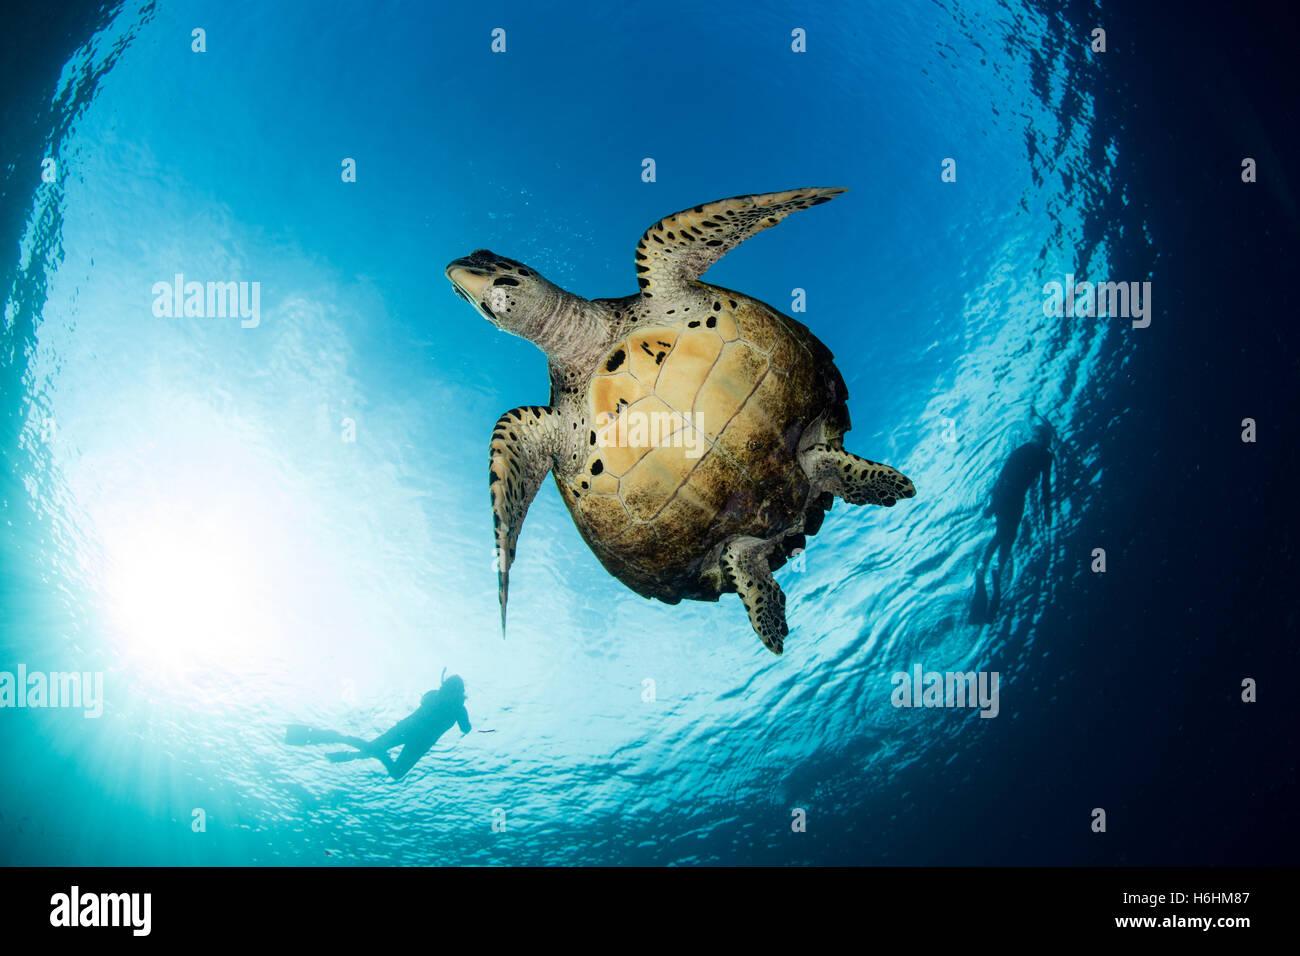 Una tortuga carey nadar en las azules aguas del océano Pacífico tropical. Este reptil marino es una especie Imagen De Stock